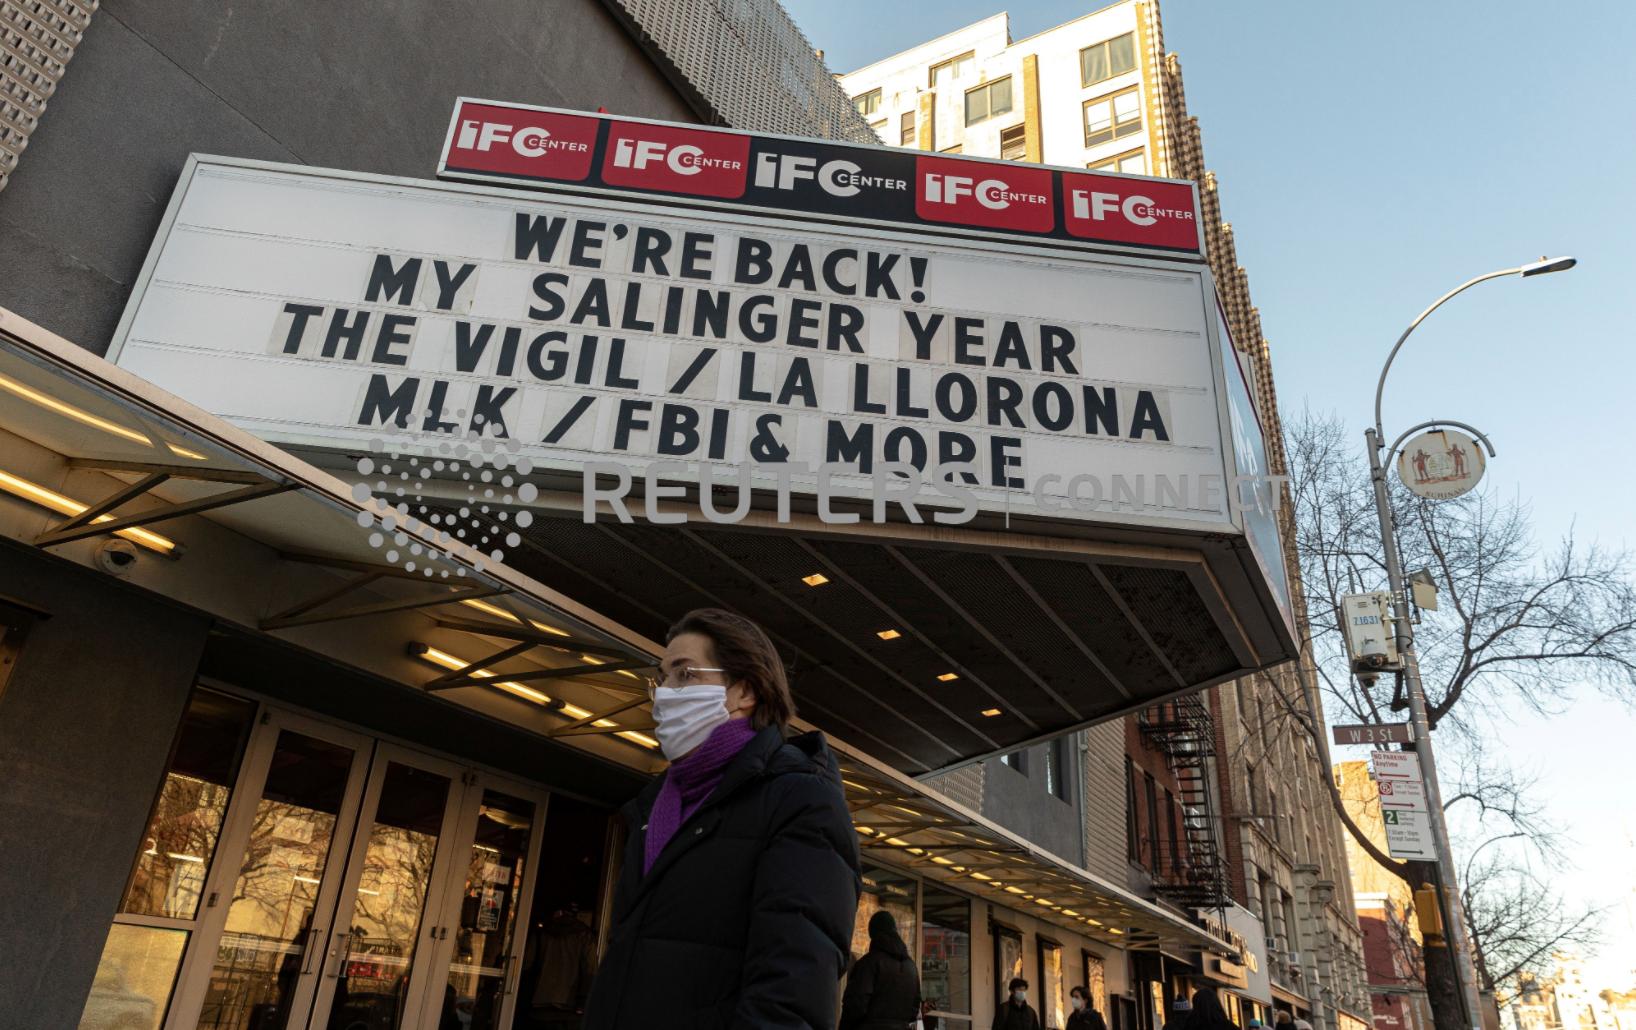 Người dân thành phố New York vẫn không đến rạp chiếu phim dù các địa điểm này đã được phép mở cửa trở lại